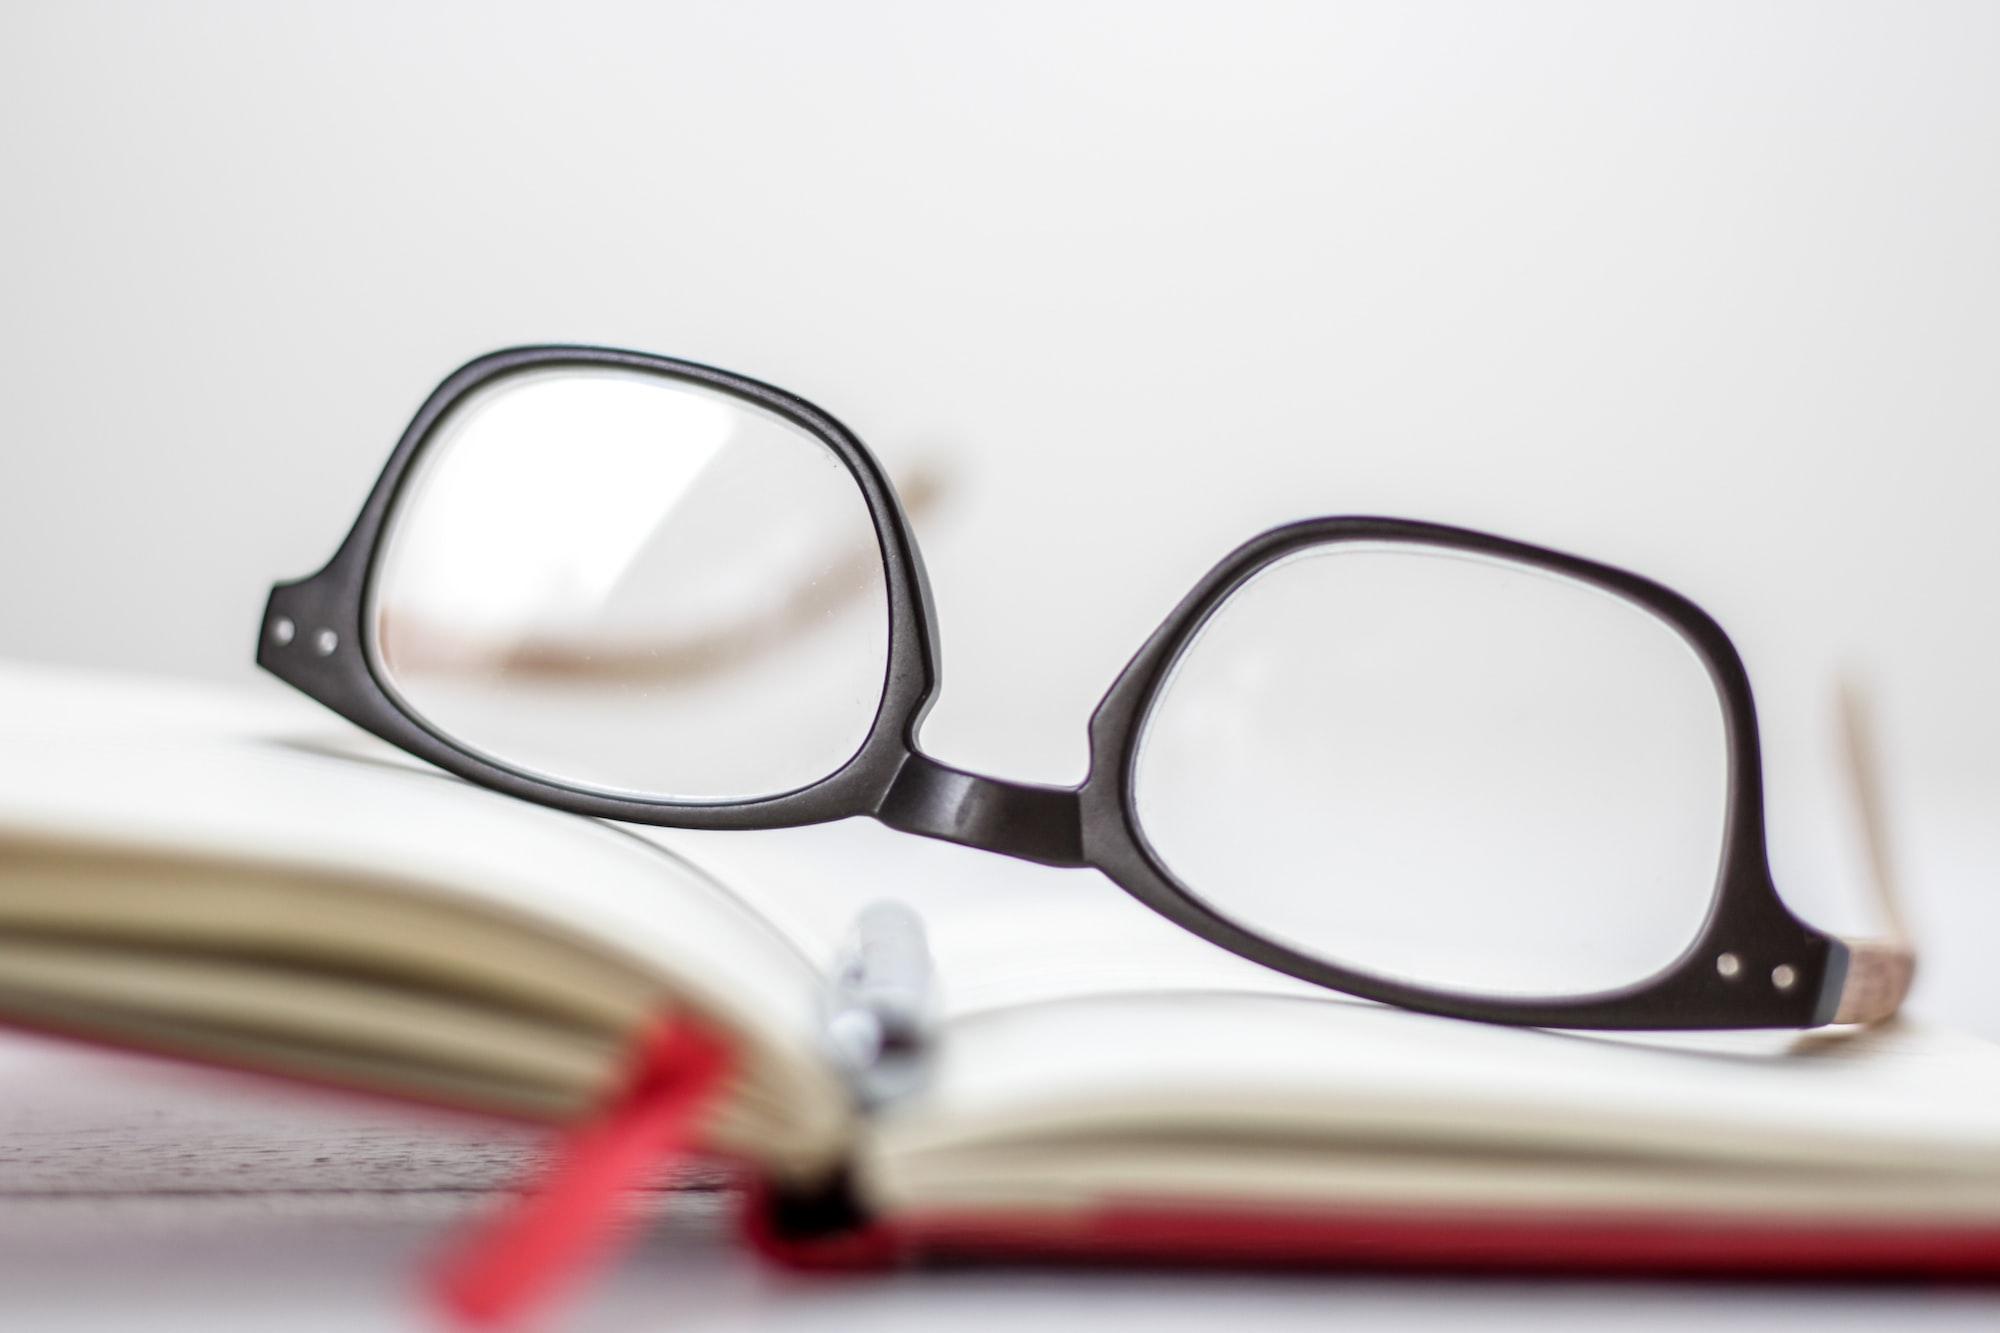 Répertoire de vos articles favoris